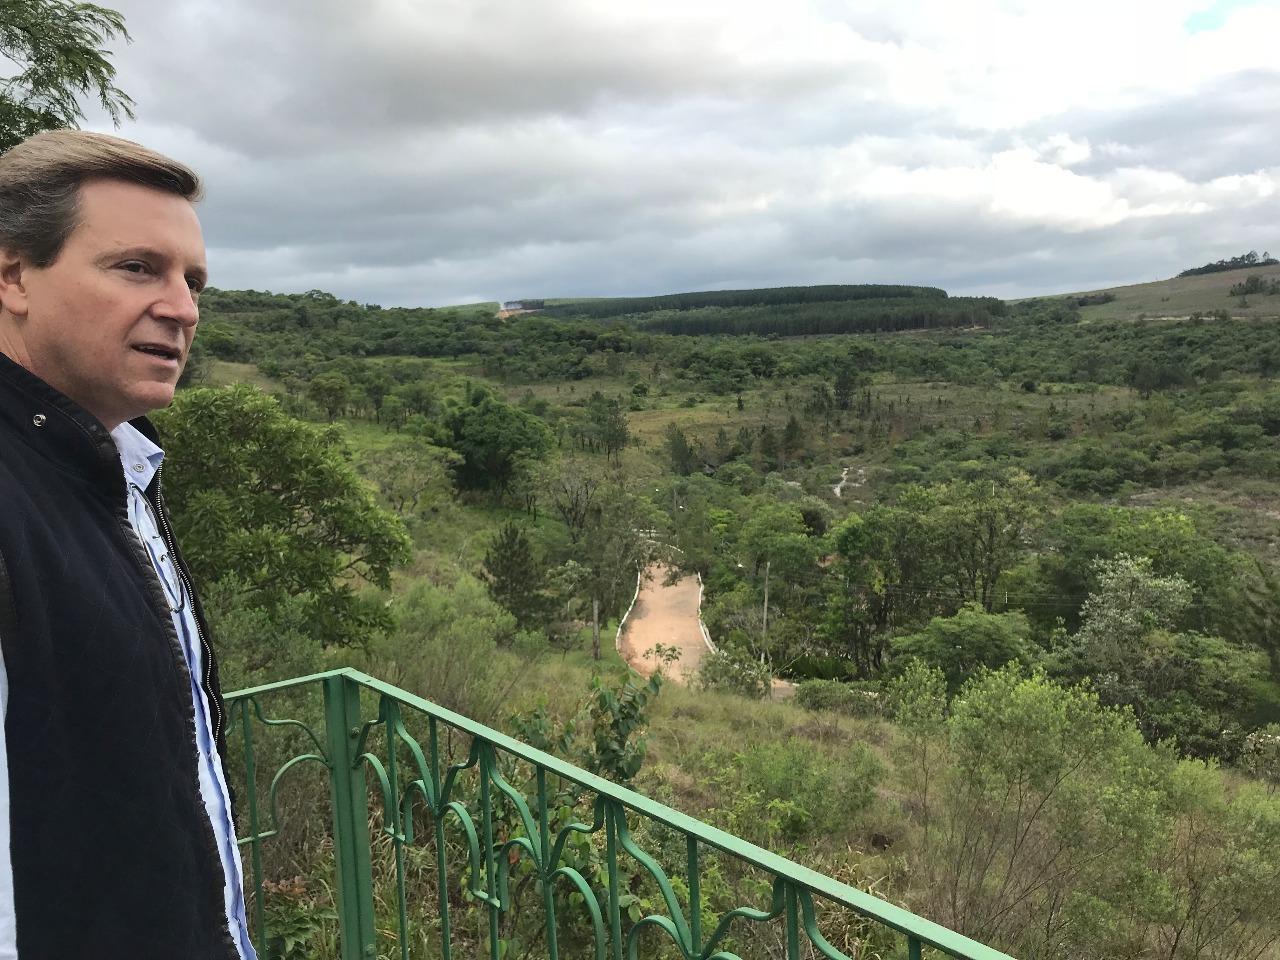 Descubra Itararé (SP): Prefeitura divulga atrativos turísticos para aproveitar o feriado